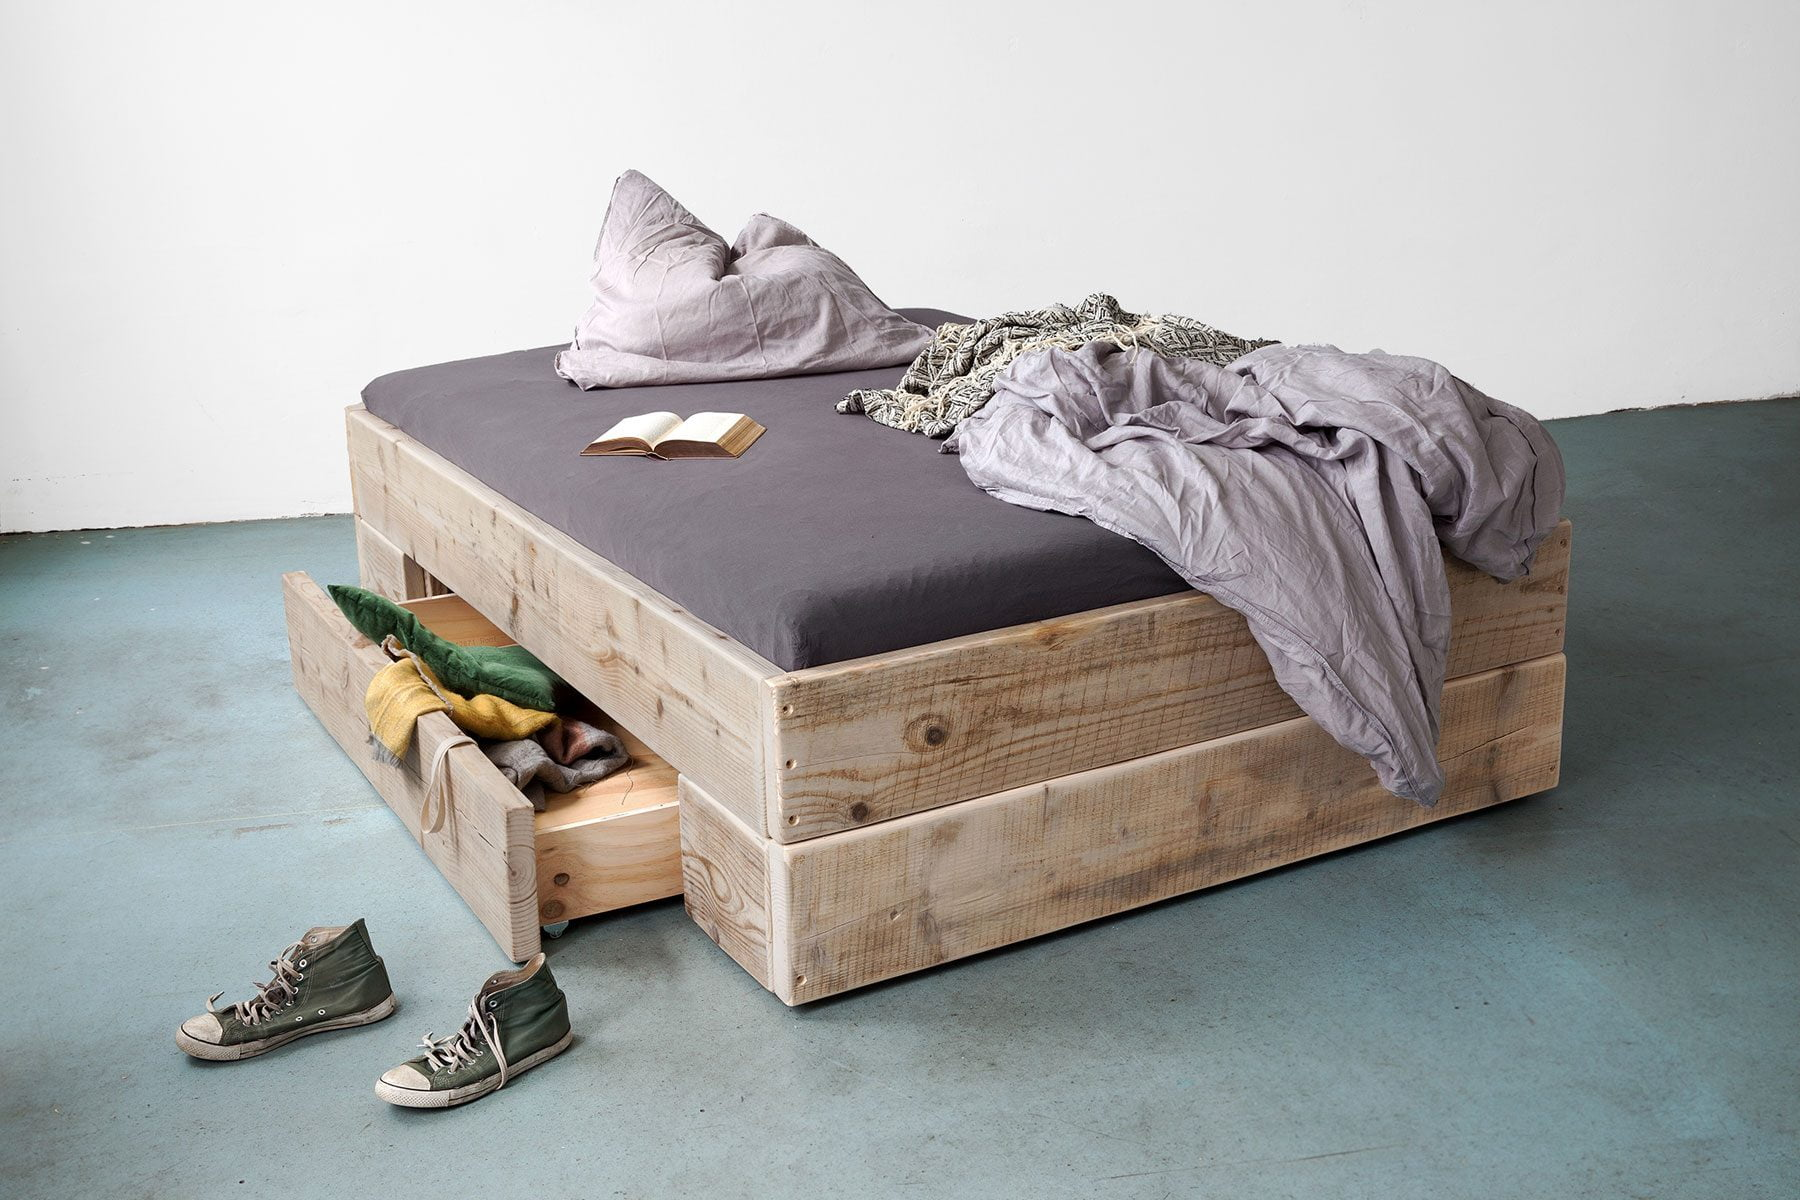 Stauraum bett großes Bett Doppelbett Ehebett Bettkasten Schubladen Massivhoz ales bauholz UpCycle Berlin